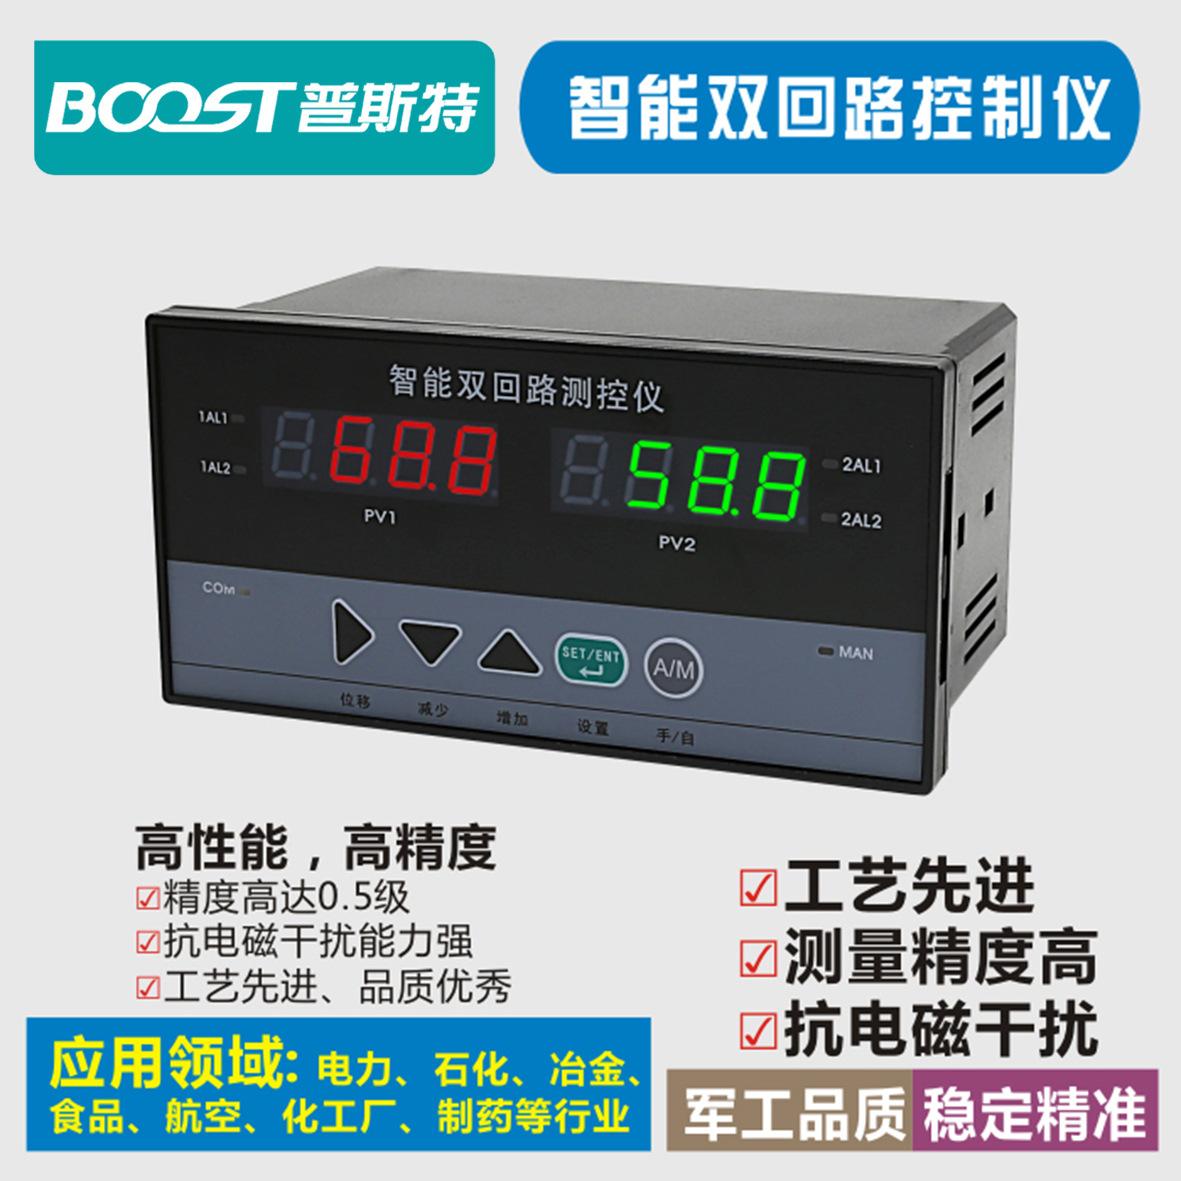 智能双回路四回路八回路数字显示调节仪温度压力液位控制器Pt100